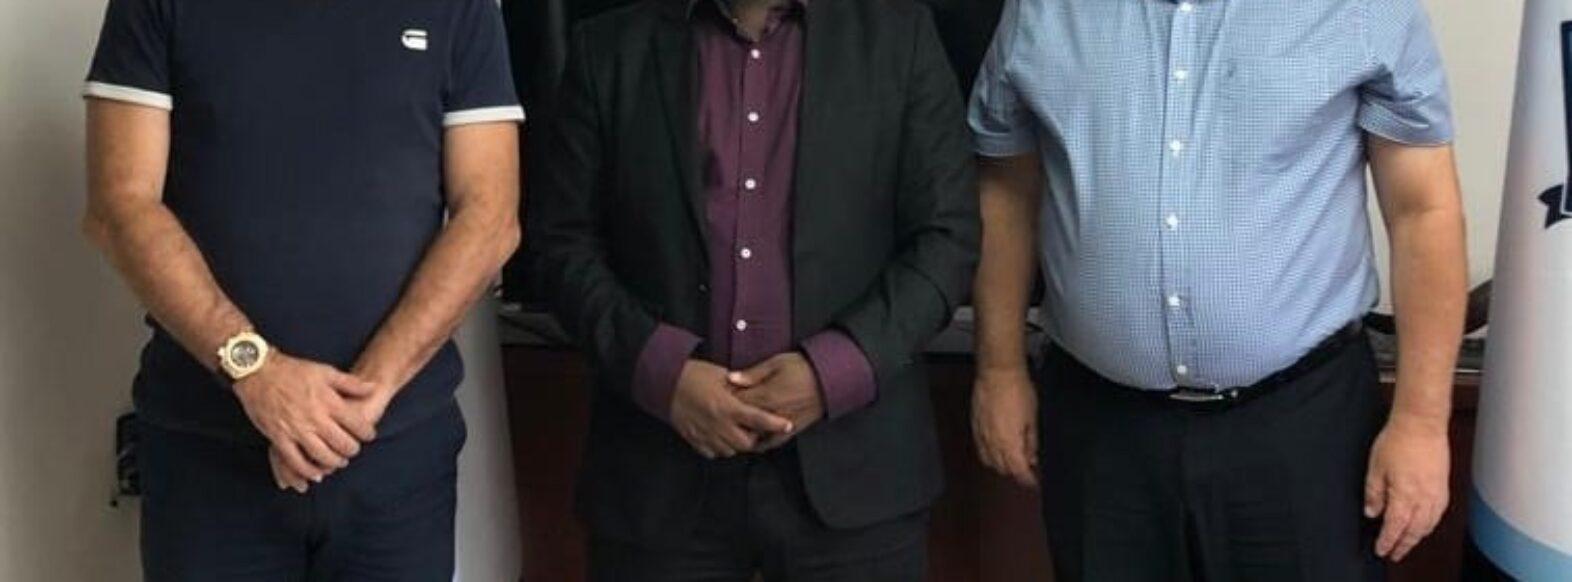 ראש עיריית קריית ביאליק,אלי דוקורסקי נכנס לבידוד